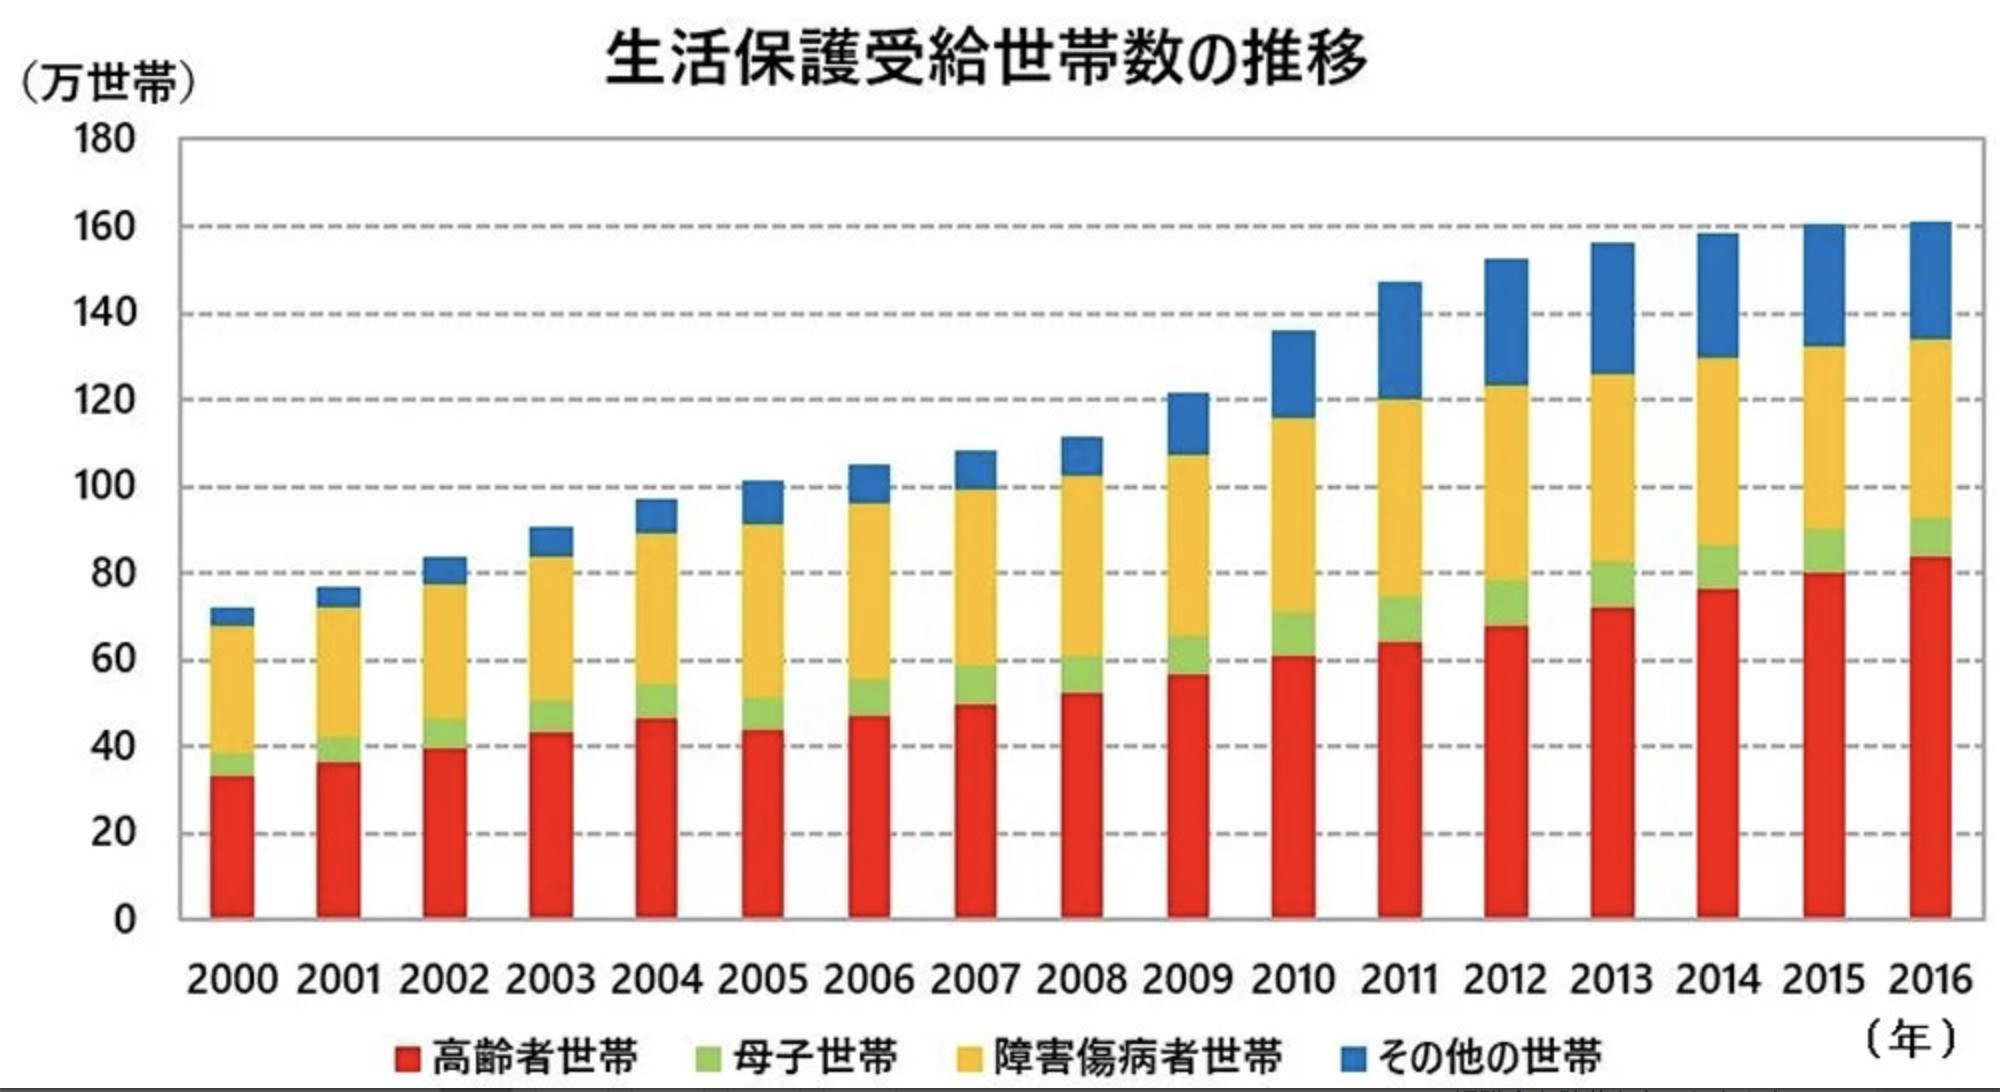 日本 高齢者 貧困 生活保護